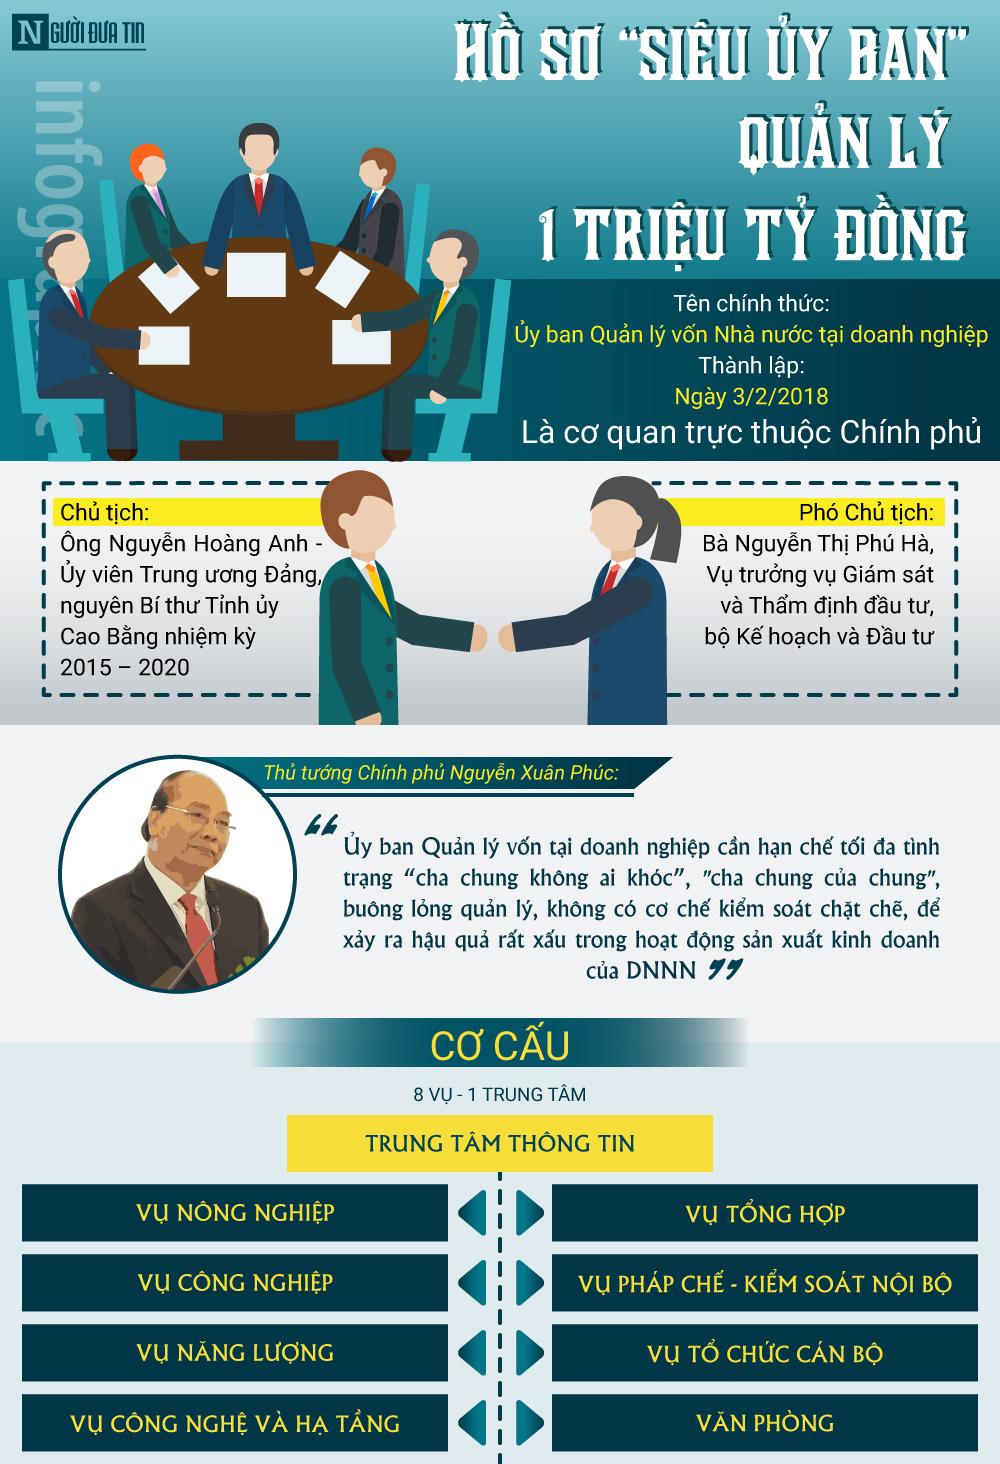 """[Infographic] Quyền lực triệu tỷ đồng của """"siêu uỷ ban"""" quản lý vốn Nhà nước - 1"""